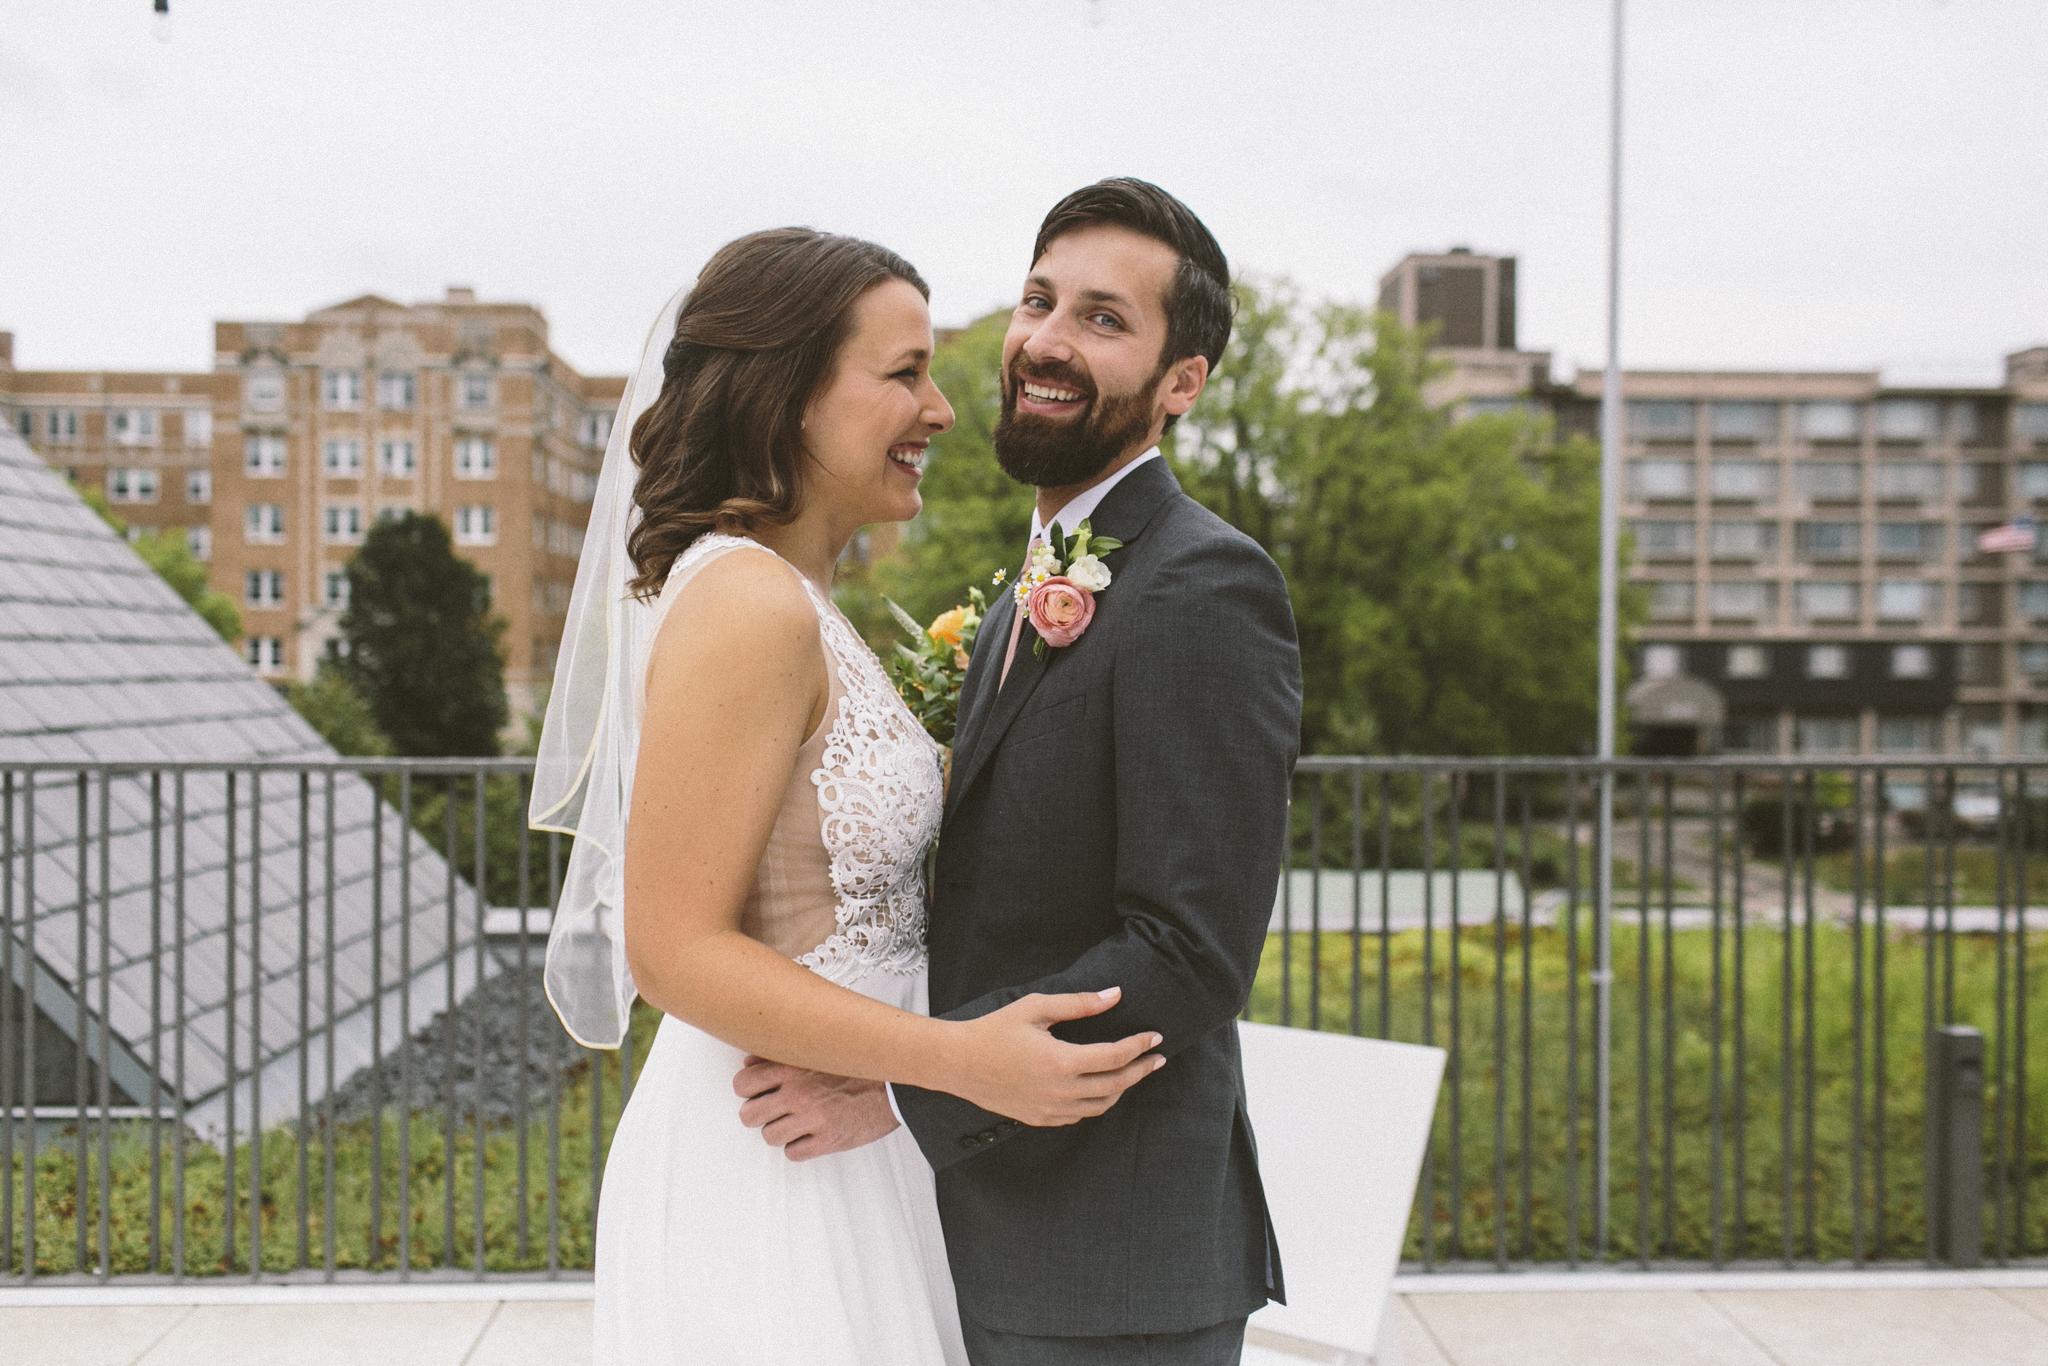 harlan_megmike_wedding_11.jpg